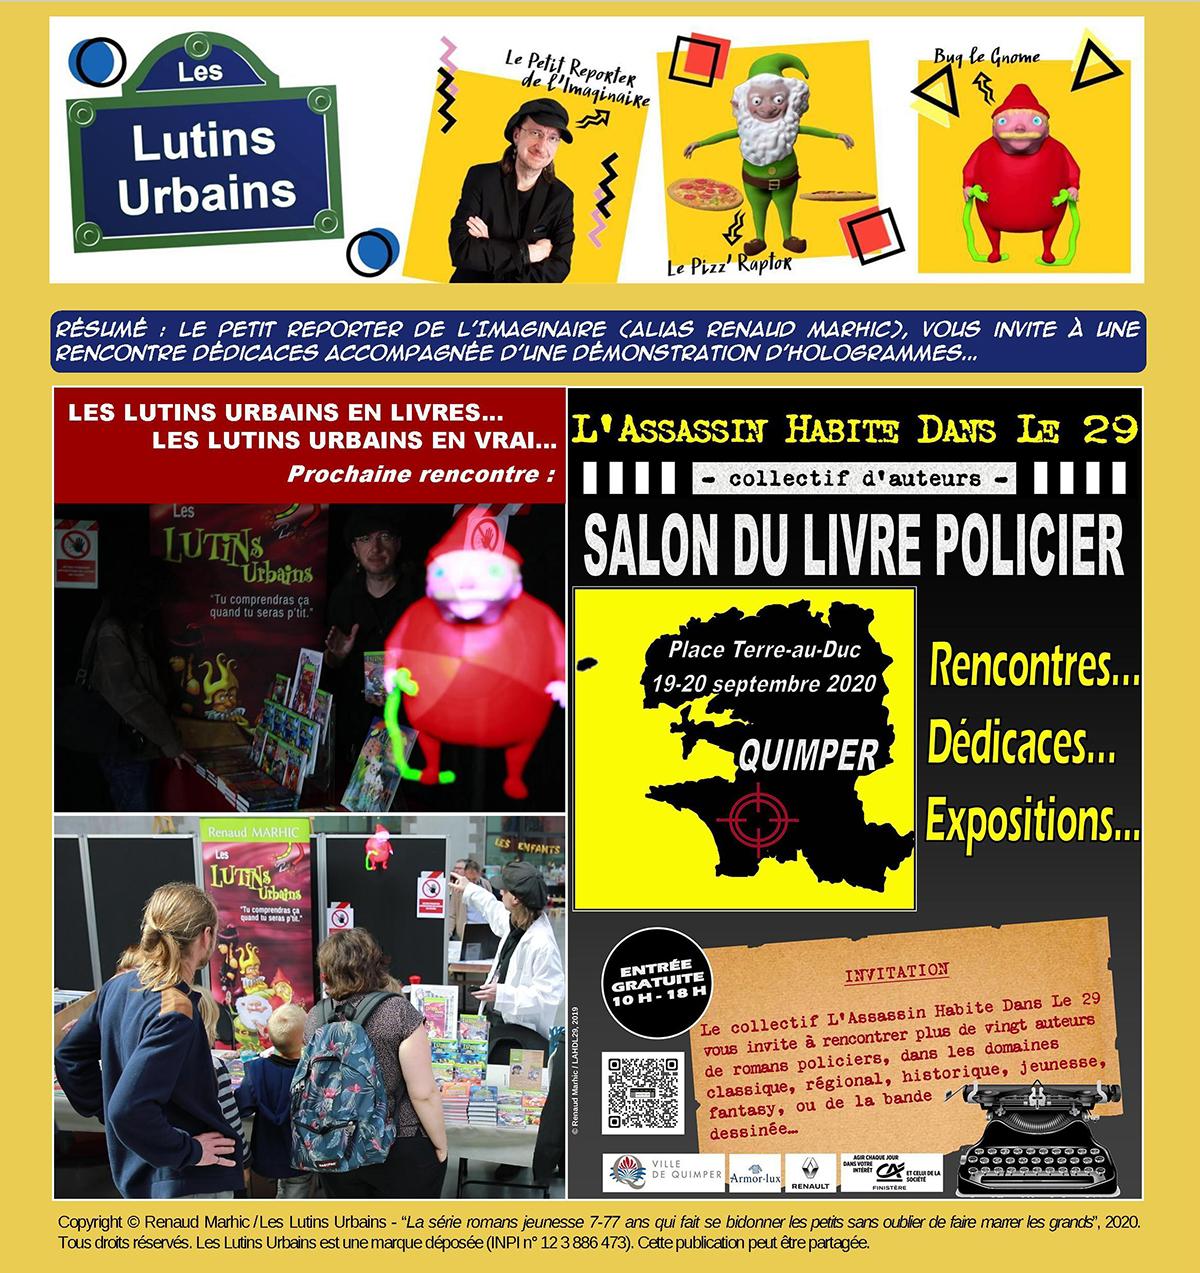 Les Lutins Urbains au Salon du Livre Policier de L'Assassin Habite Dans Le 29 à Quimper 2020